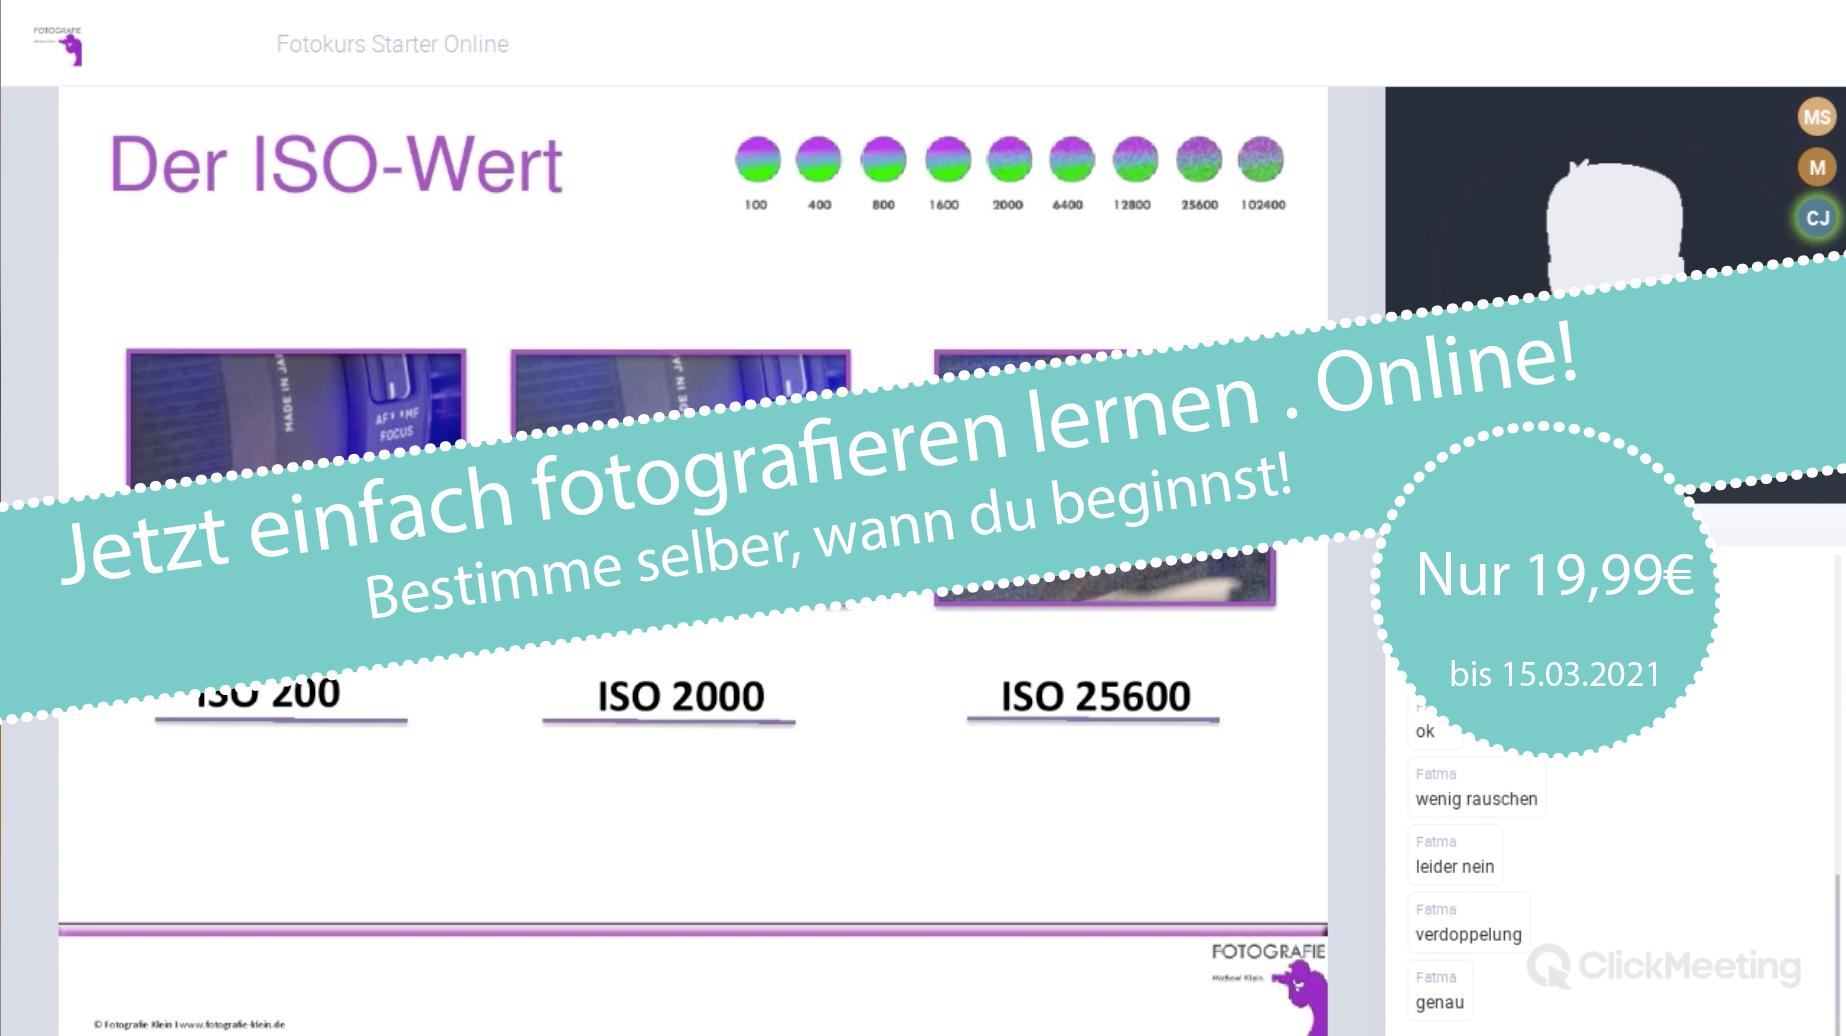 Einfach fotografieren lernen - Online!